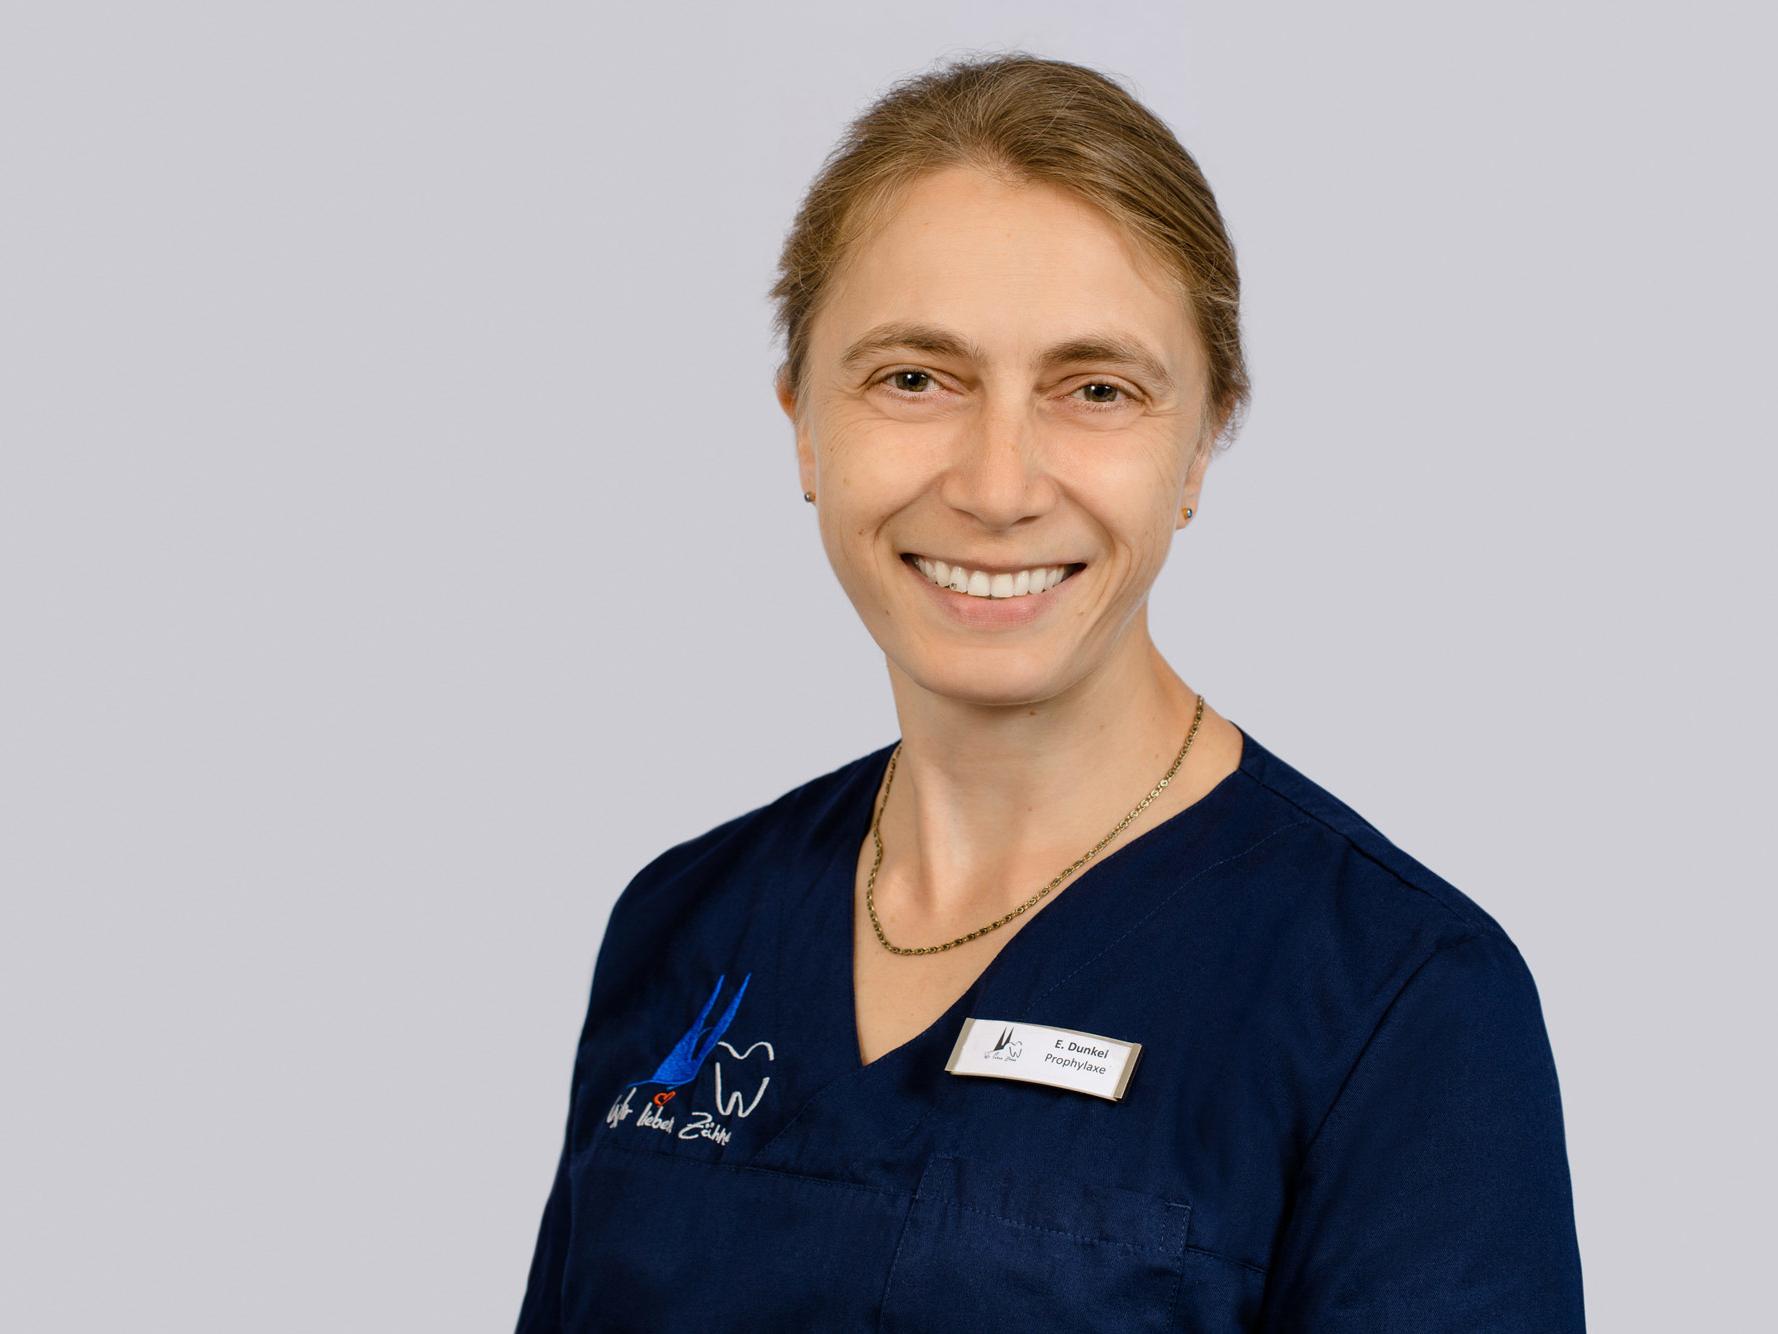 Ellen Dunkel, Individualprophylaxe & parodontale Vorbehandlung!